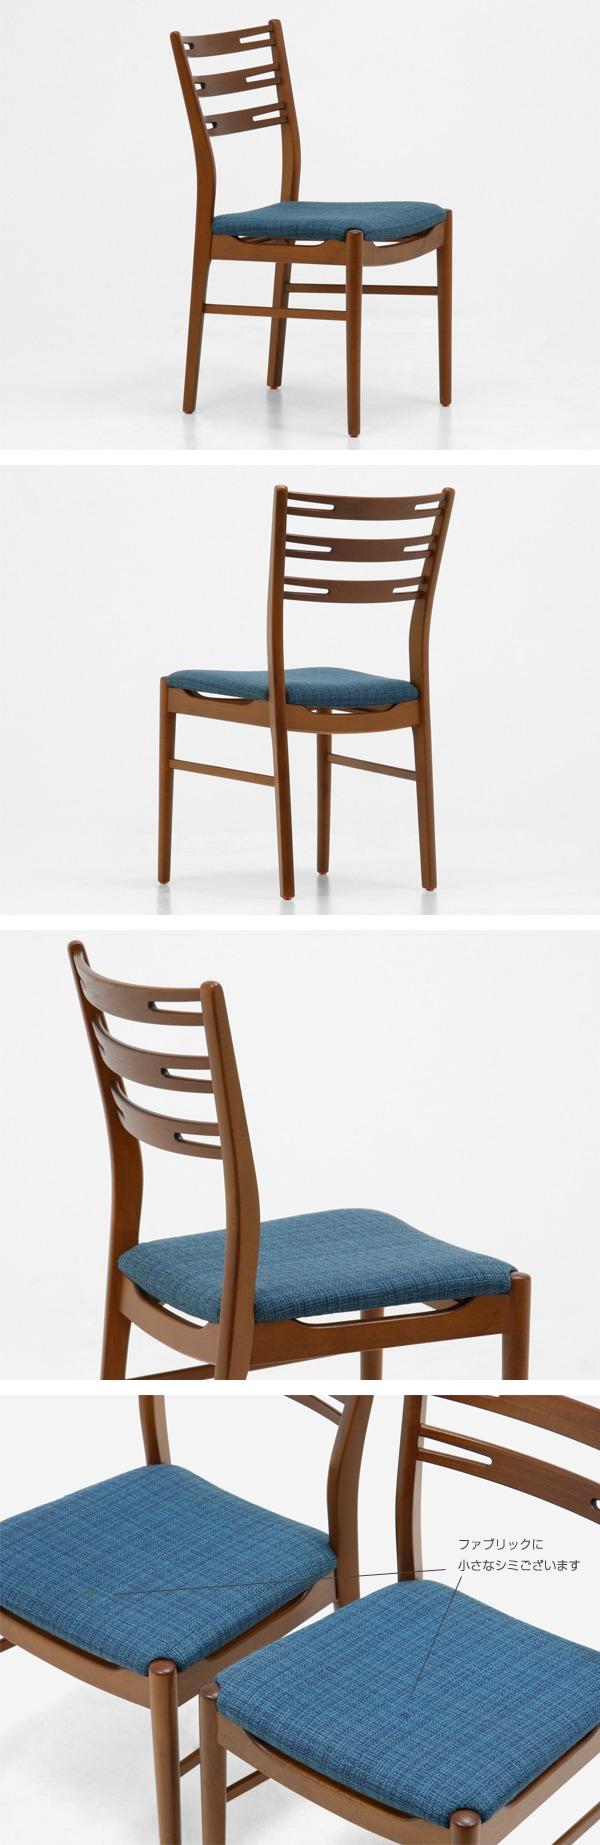 北欧家具,ヴィンテージ,ダイニングチェア,2脚セット,青,椅子